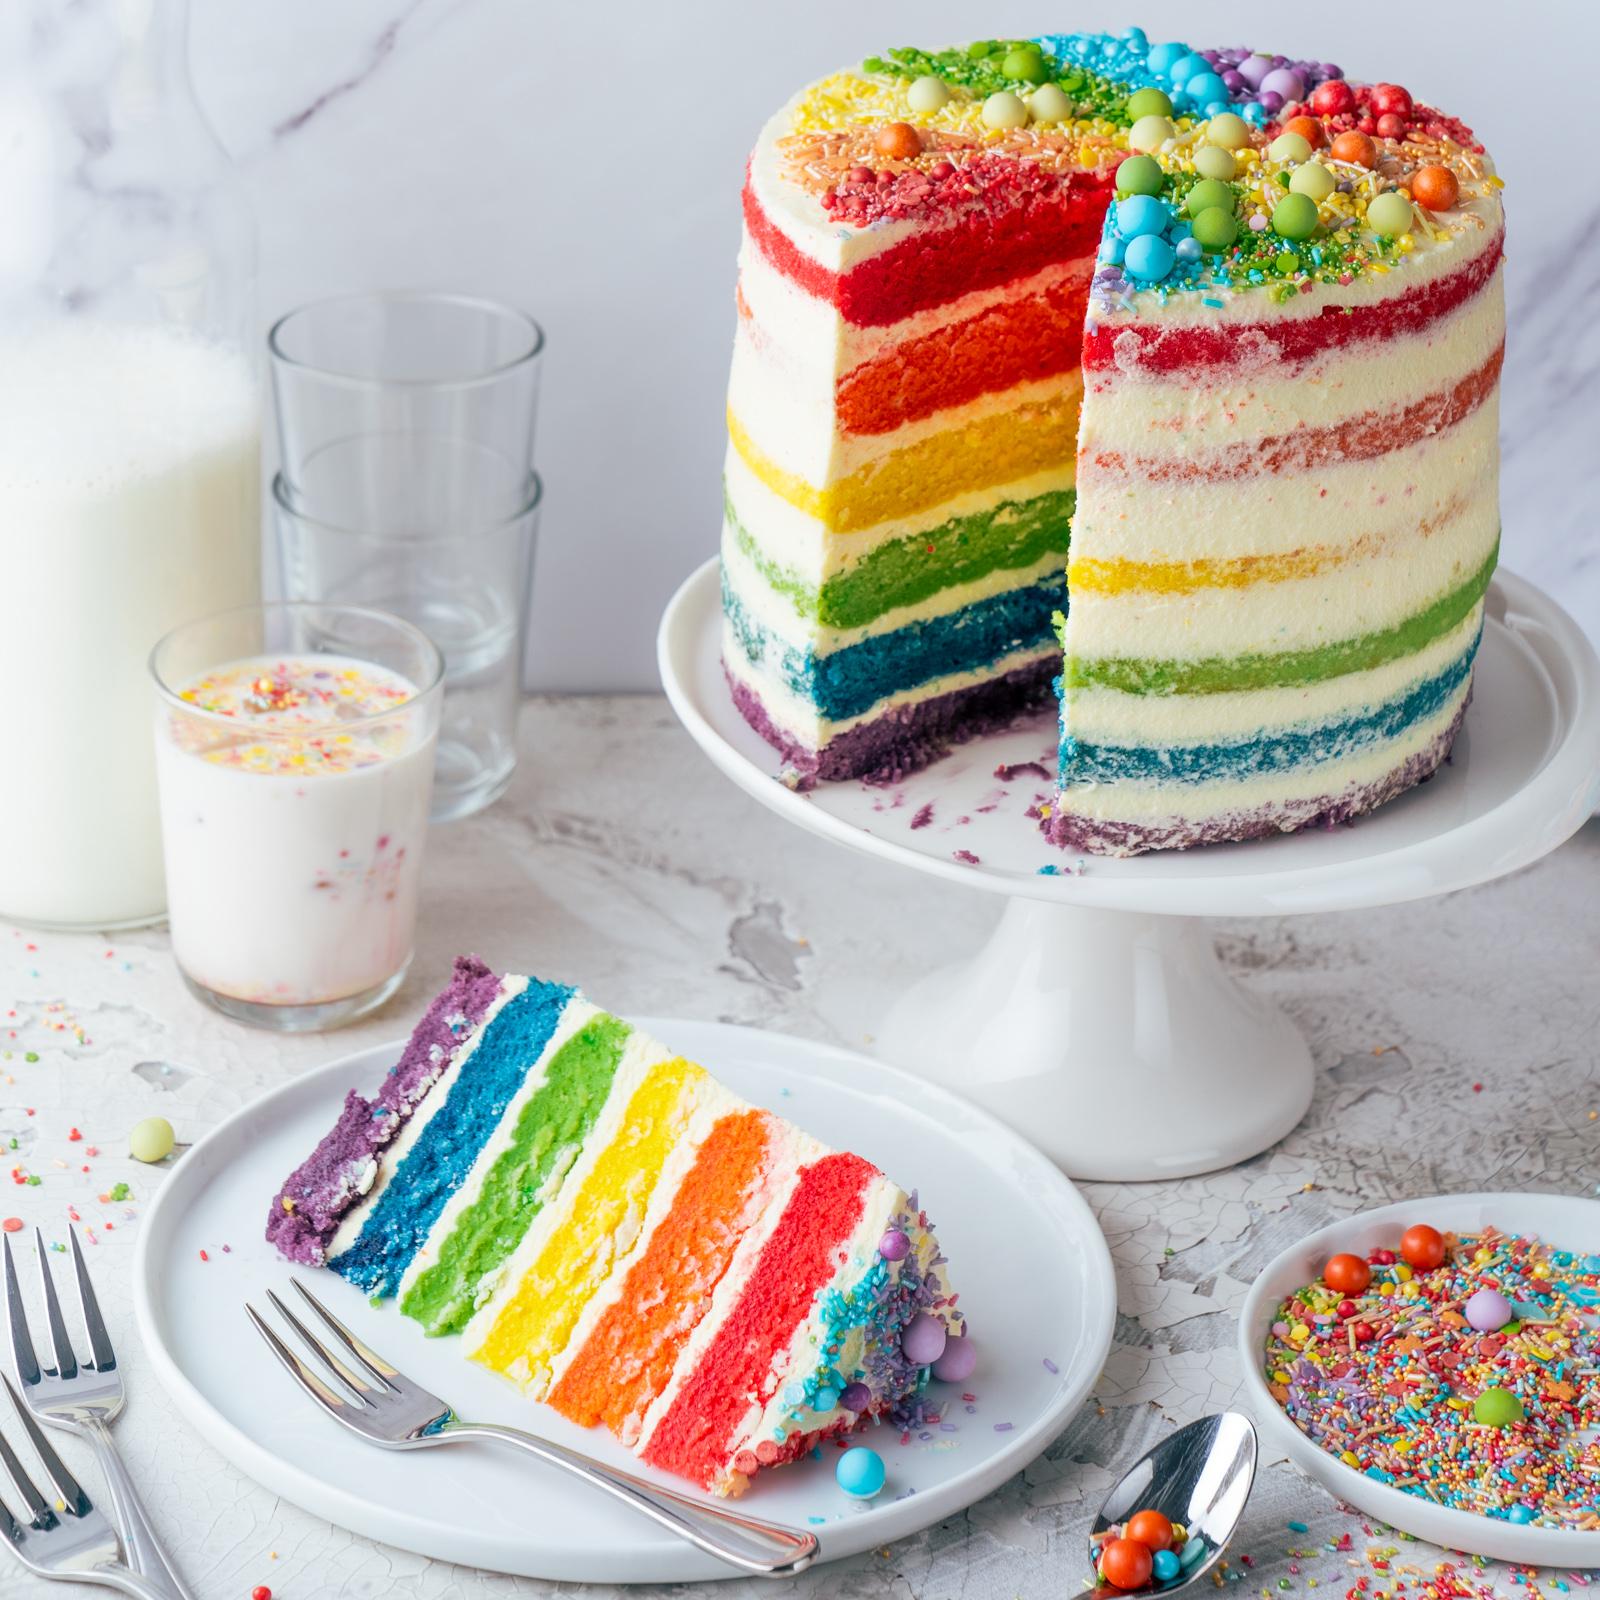 Regenbogen Torte 47 | Born this way! Heute wird es bunt und das ist gut so. Der Juni ist der alljährliche Pride-Monat und 2021 hat unsere Regenbogen-Torte ein Makeover defintiv verdient, denn ihr seid schon seit 2017 ganz verrückt nach diesem absoluten Leckerbissen! Aber was hat es mit der Regenbogenflagge eigentlich genau auf sich? Wir werden dem mal ein wenig auf den Grund gehen und dabei gibt es ein großes Stück Rainbow Cake.